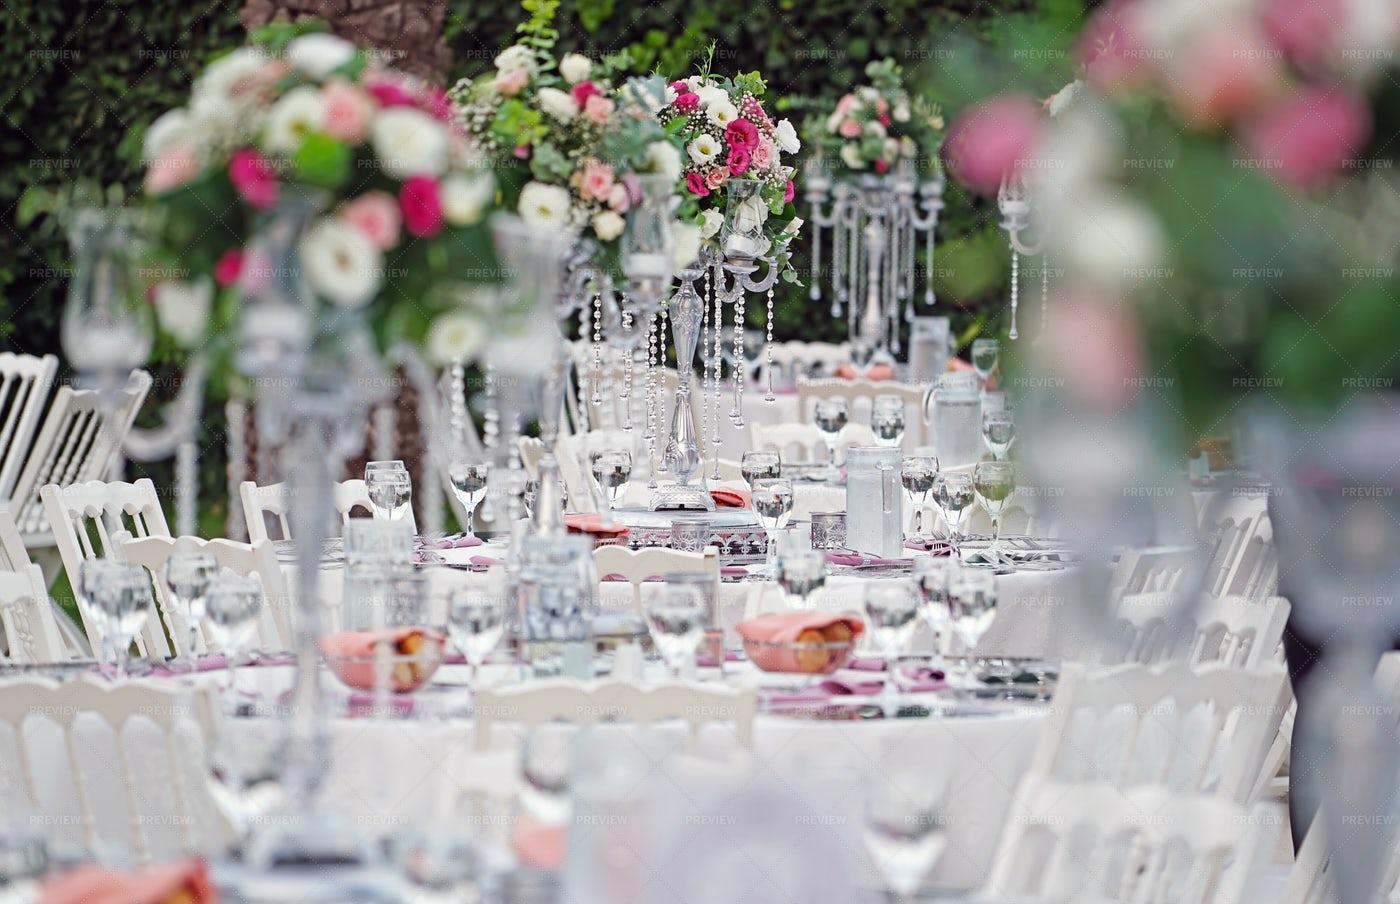 Wedding Tables In Garden: Stock Photos